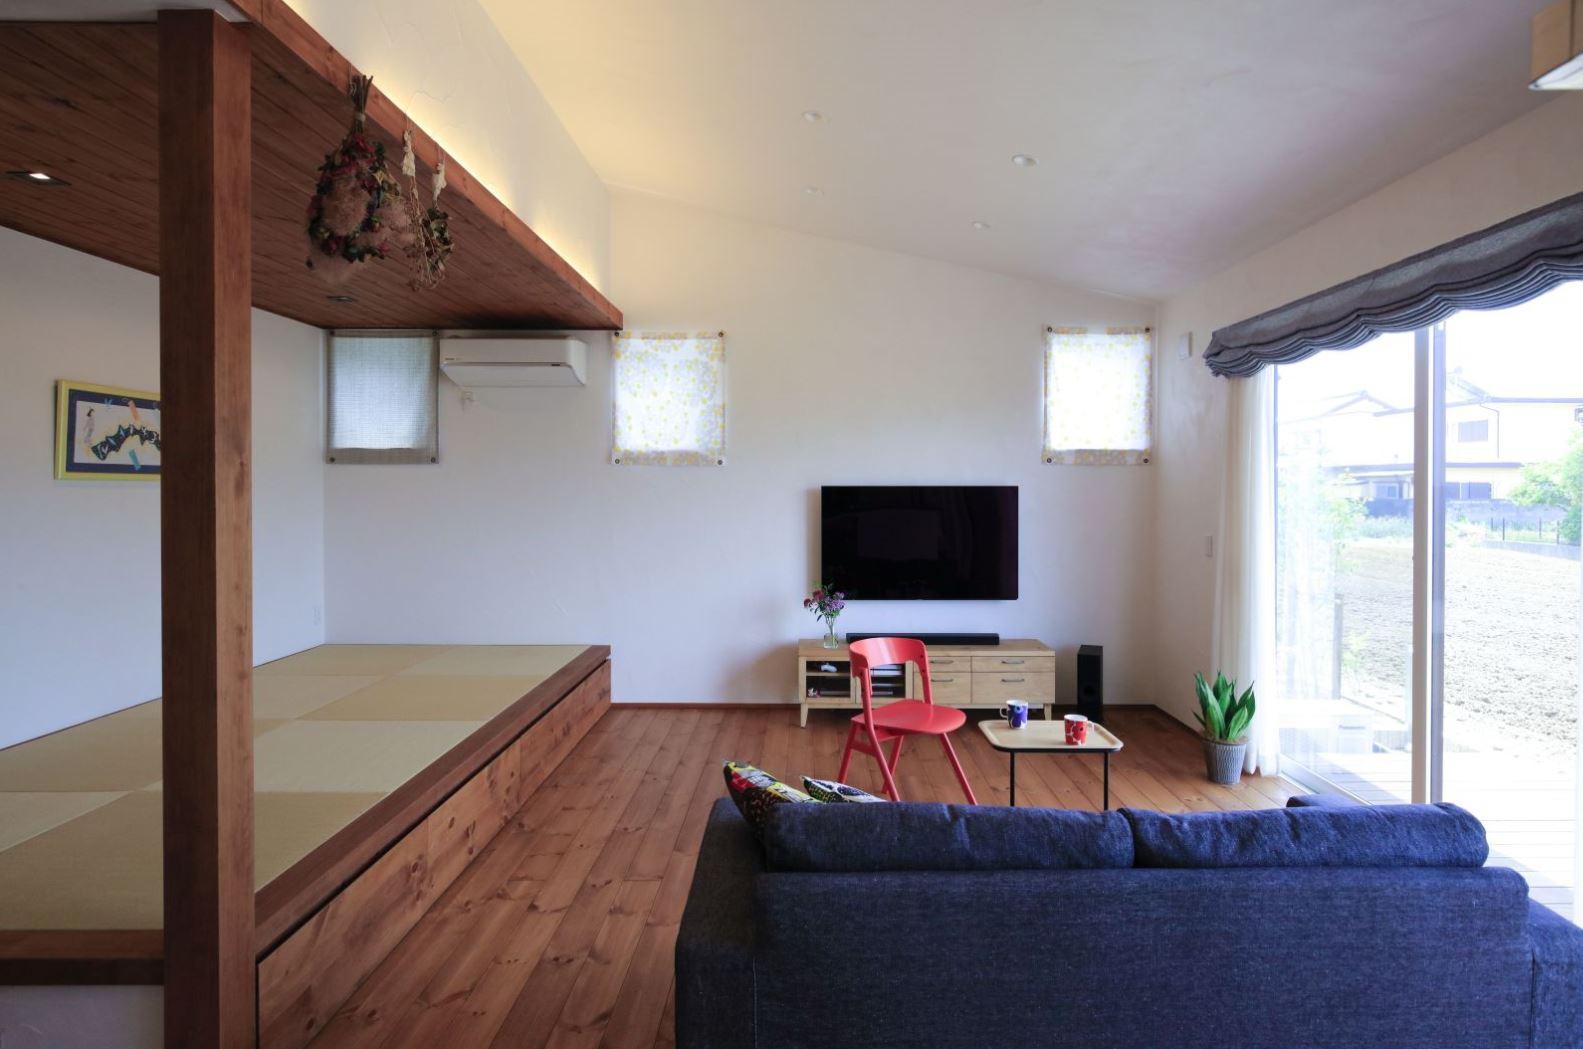 アイジースタイルハウス【自然素材、間取り、平屋】勾配天井を採用し、より開放的に感じられるリビング。小上がりの畳コーナーは、ちょっと横になったり、腰掛けたり、洗濯物をたたんだりと大活躍。羽目板の天井が落ち着いた雰囲気をもたらす。畳の下は大容量の収納スペース